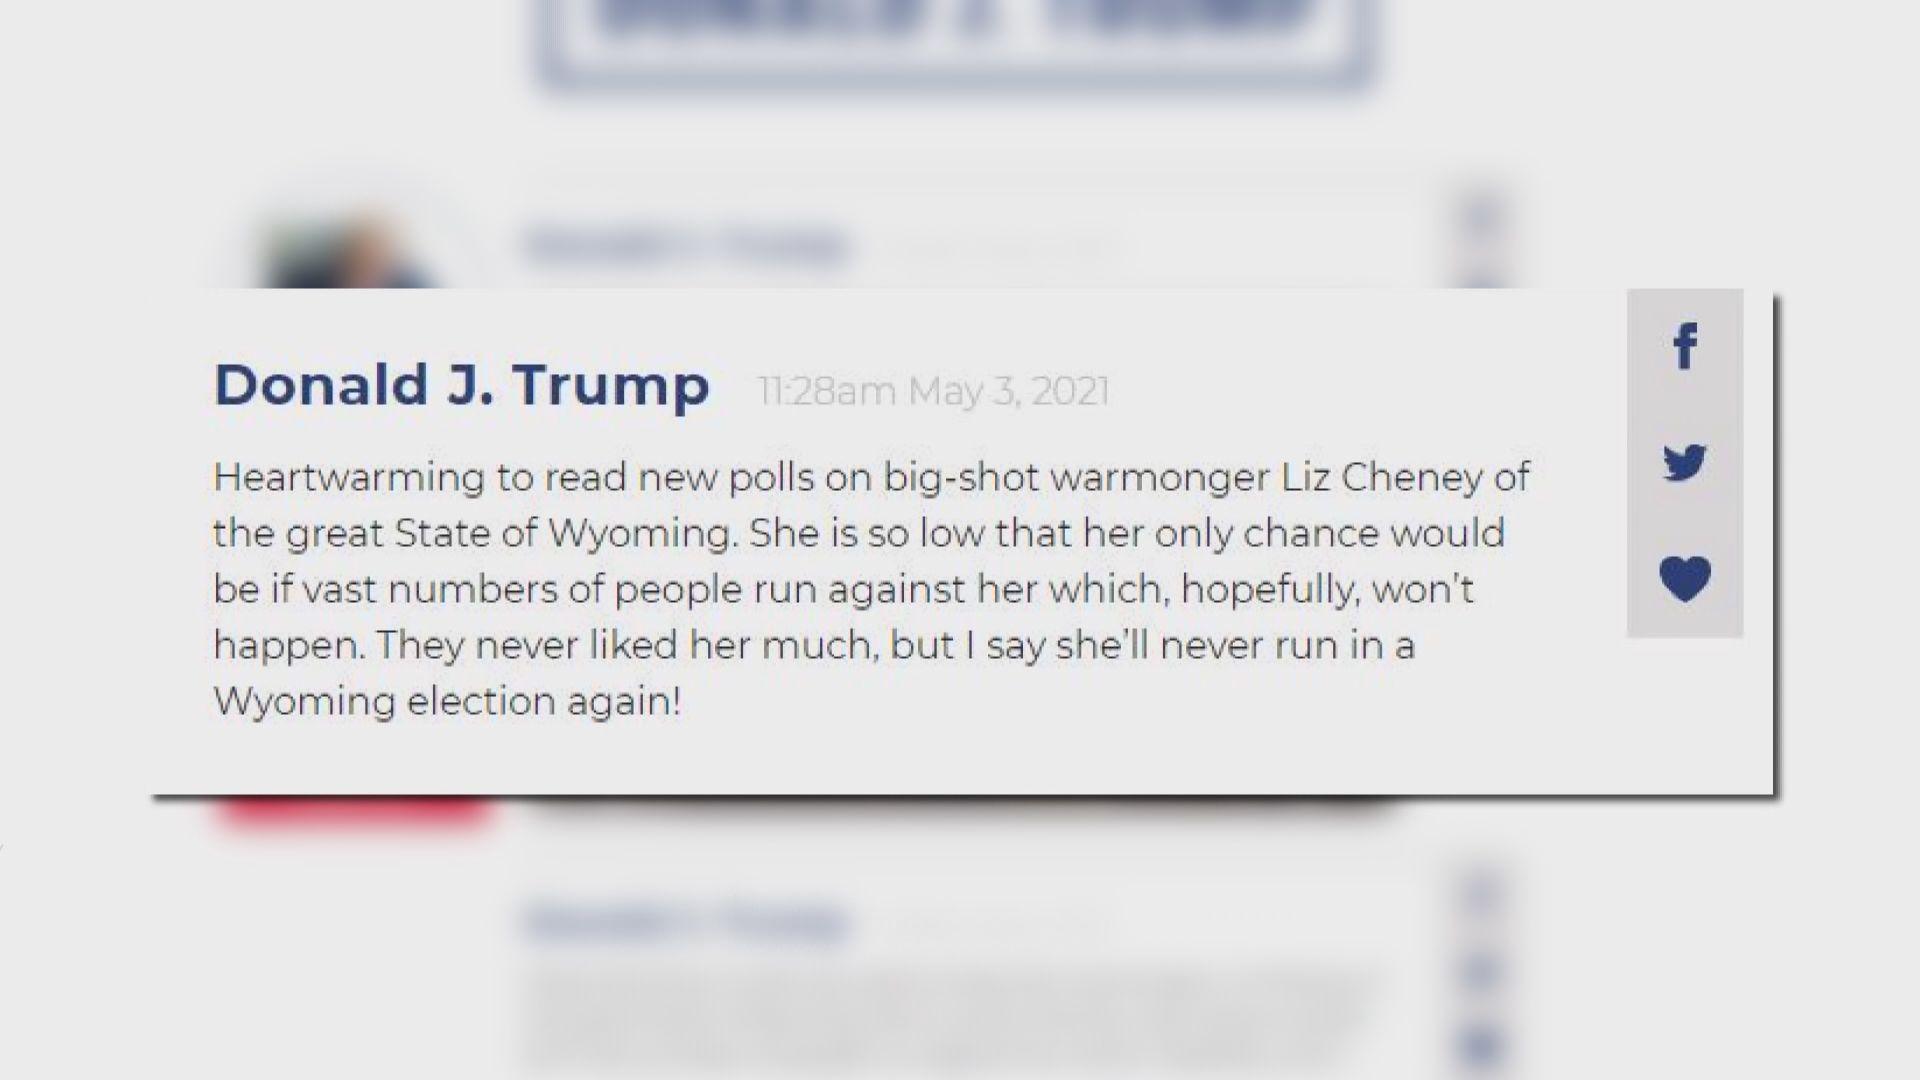 特朗普在個人網站設通訊平台 最新帖文針對切尼女兒